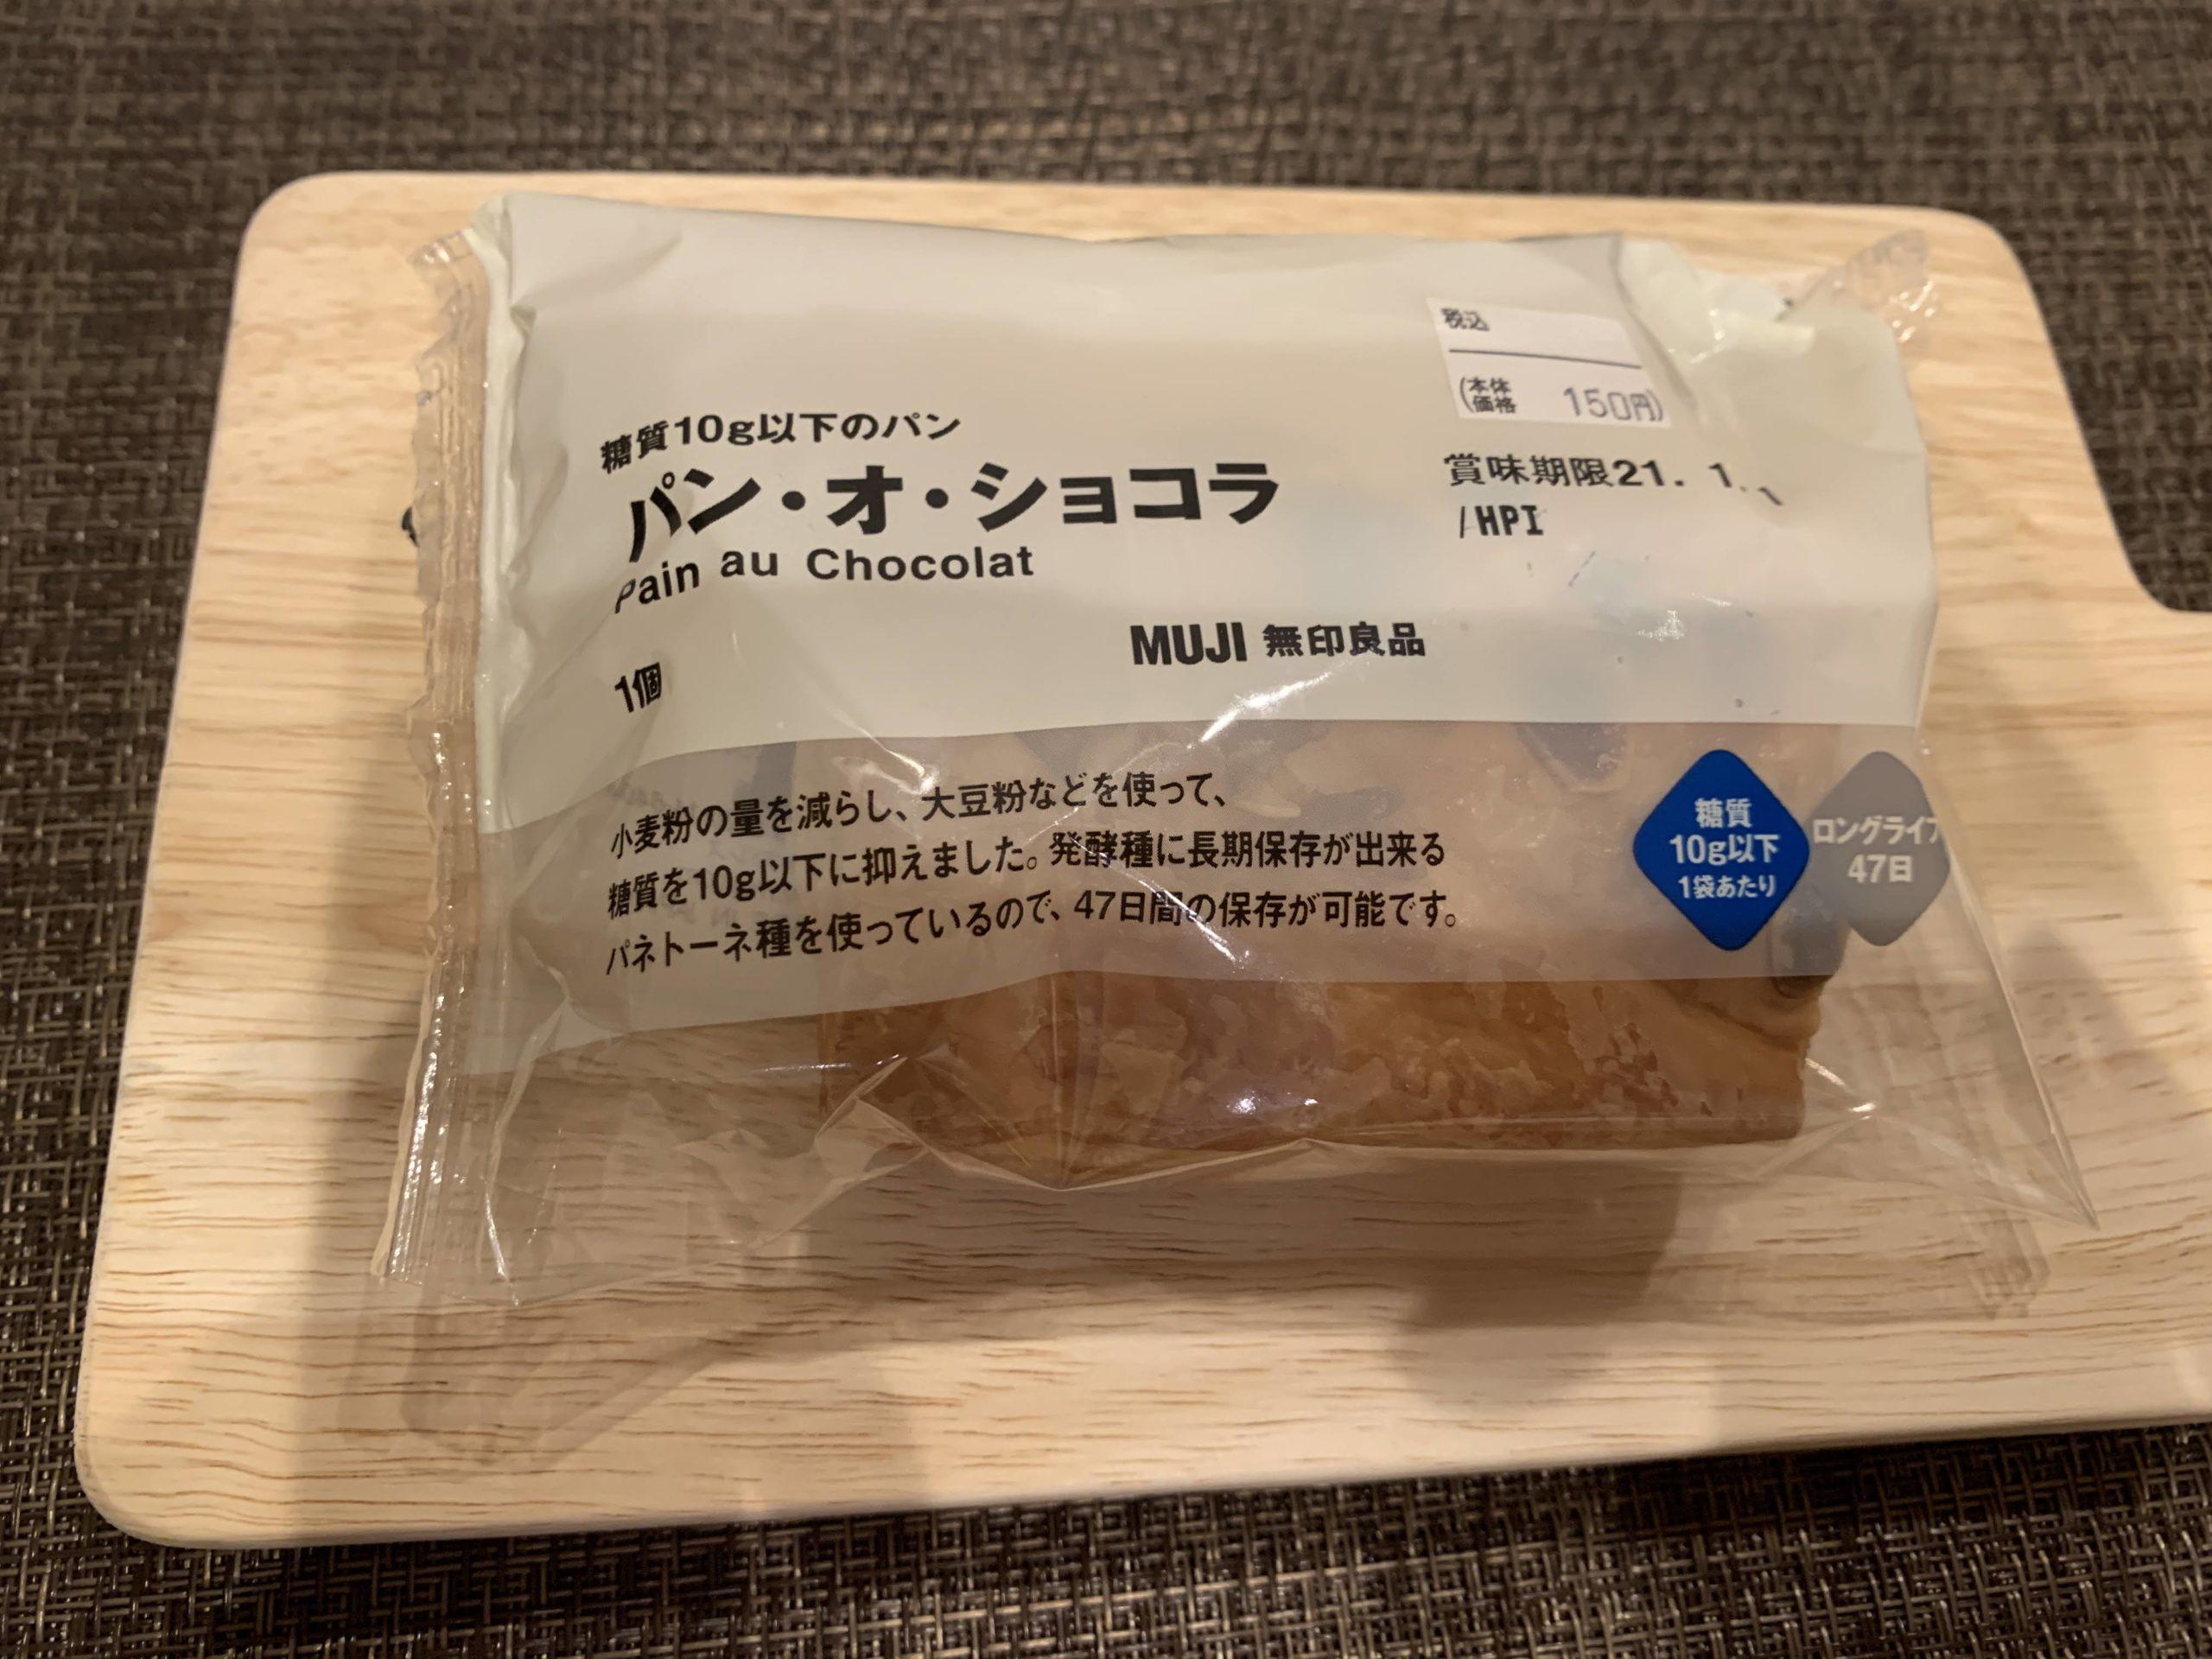 無印良品のパンオショコラ糖質10g以下のパンを食べてみました